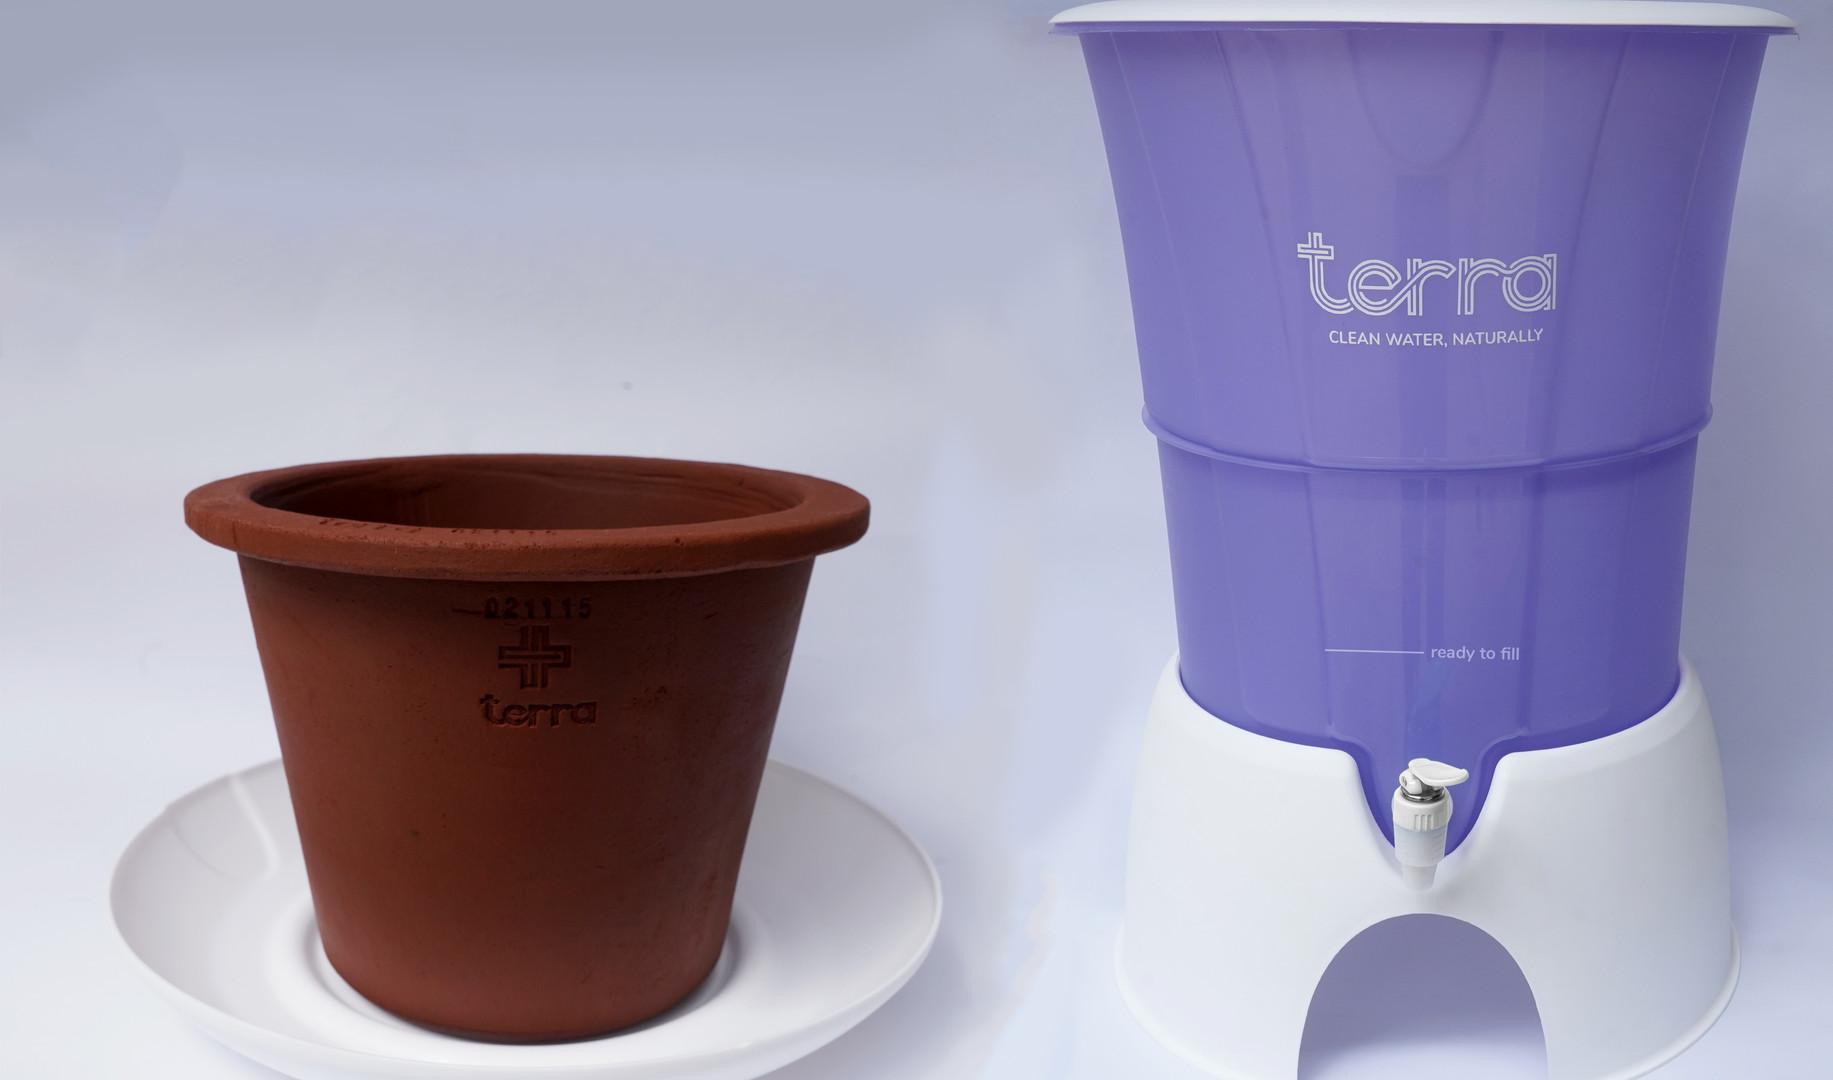 Terra Container Premium & Filter